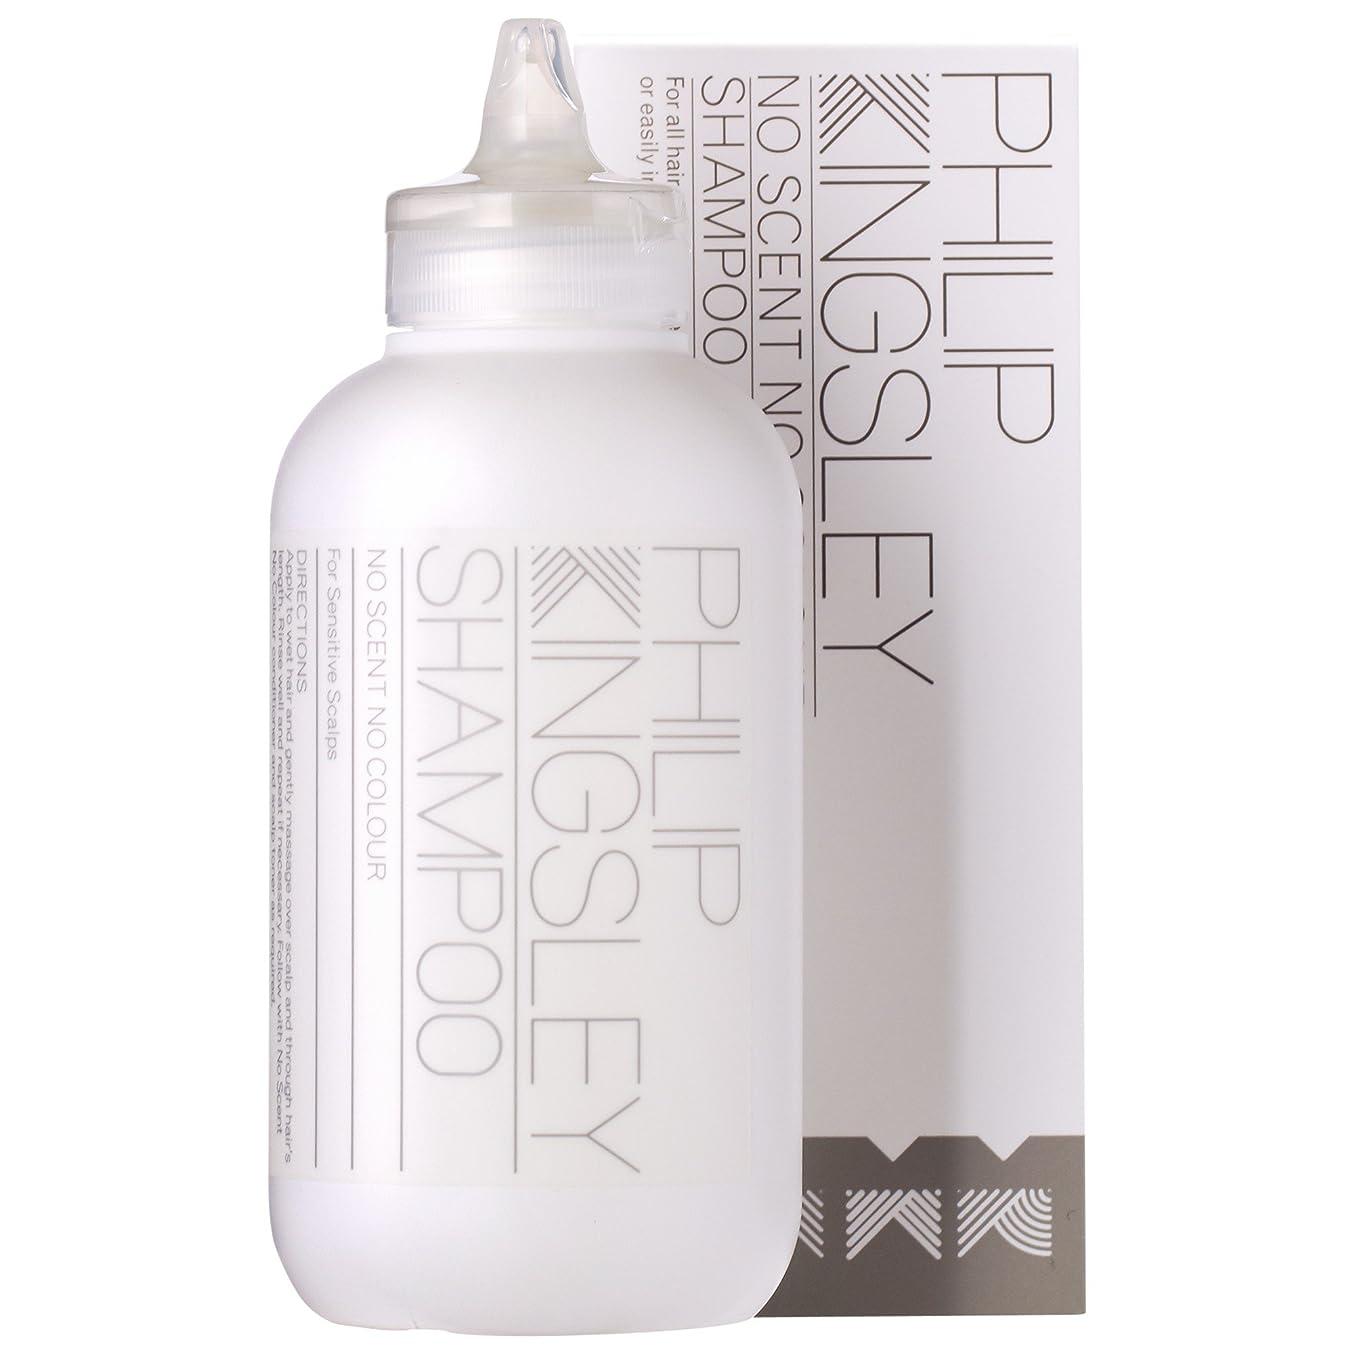 疎外する宝石弾薬フィリップは何色のシャンプー250ミリリットルない香りをキングスレーありません (Philip Kingsley) (x6) - Philip Kingsley No Scent No Colour Shampoo 250ml (Pack of 6) [並行輸入品]